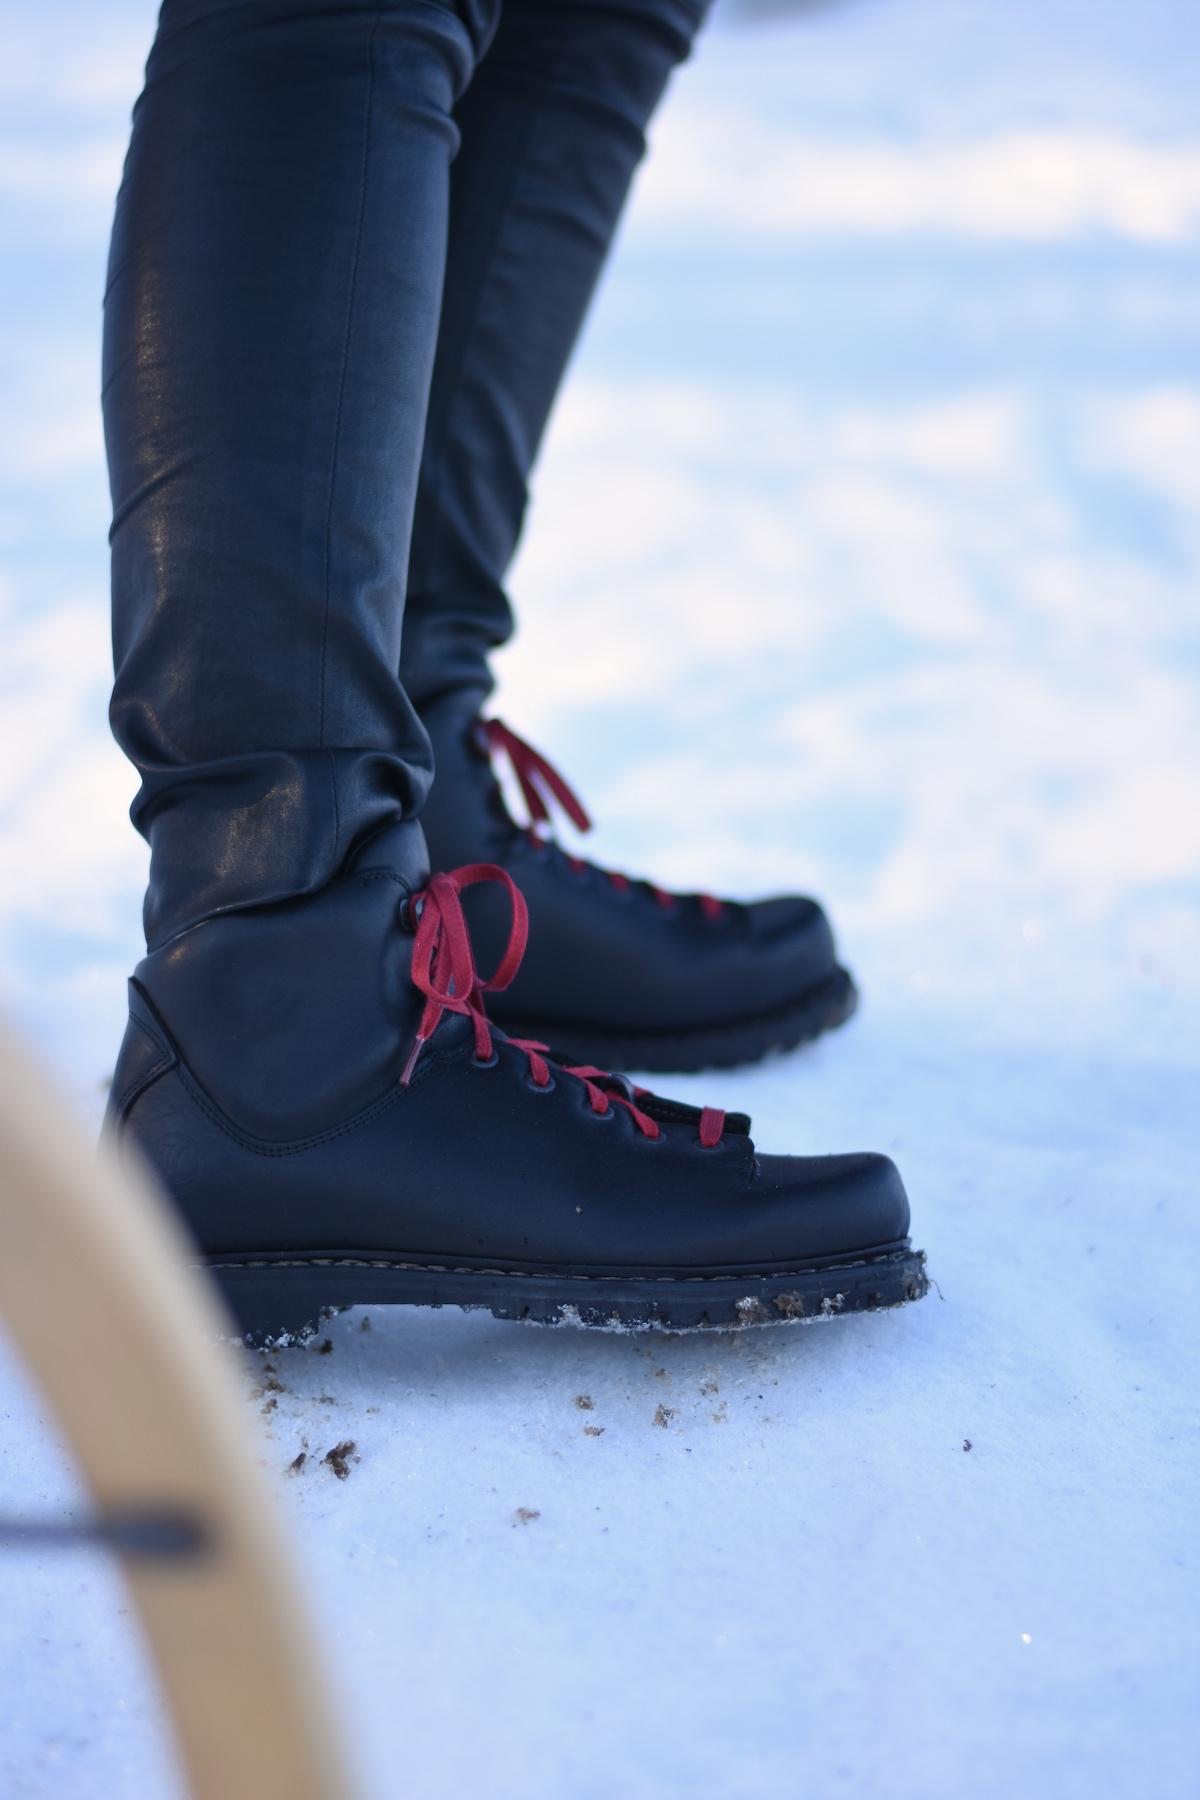 Chic & Schlittentauglich - Ein Winterschuh für alle Fälle + Outfit, Schuhe im Schnee Haferl Original